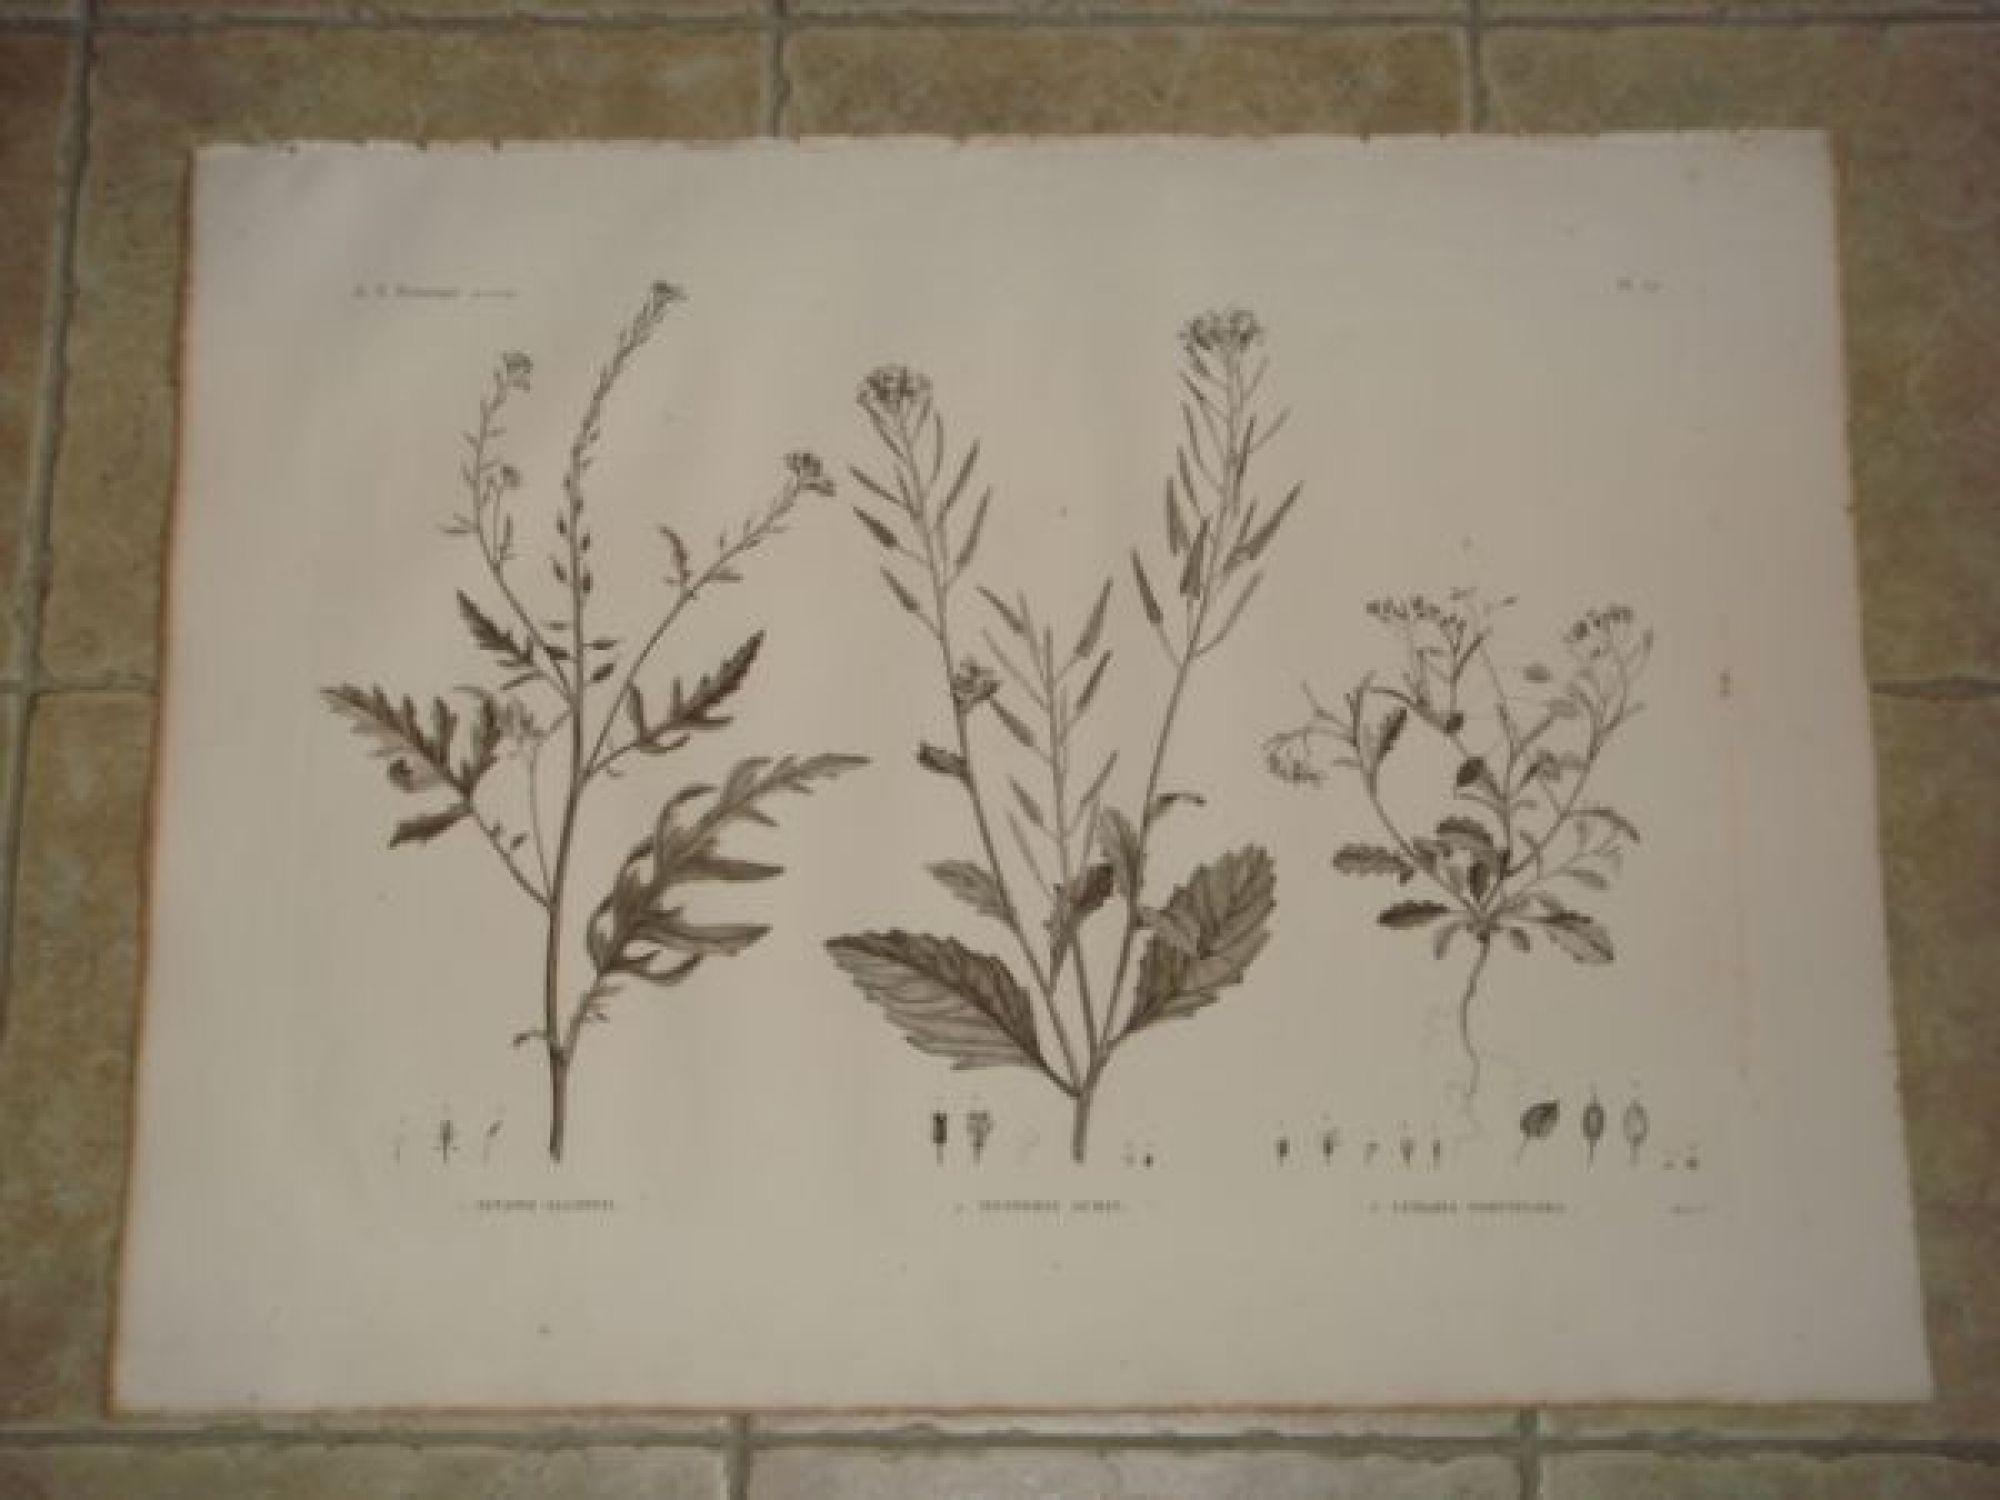 description de l 39 egypte botanique sinapis allionii hesperis acris lunaria parviflora. Black Bedroom Furniture Sets. Home Design Ideas